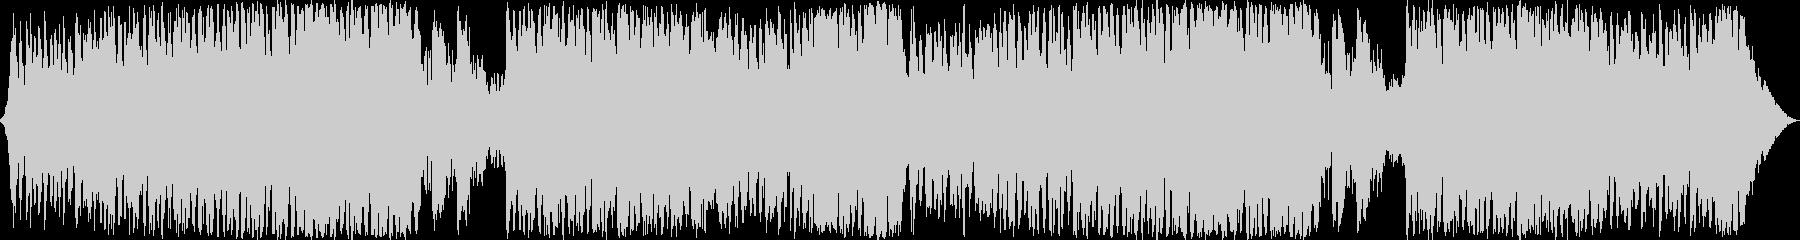 シネマティックなコーラス系オーケストラの未再生の波形